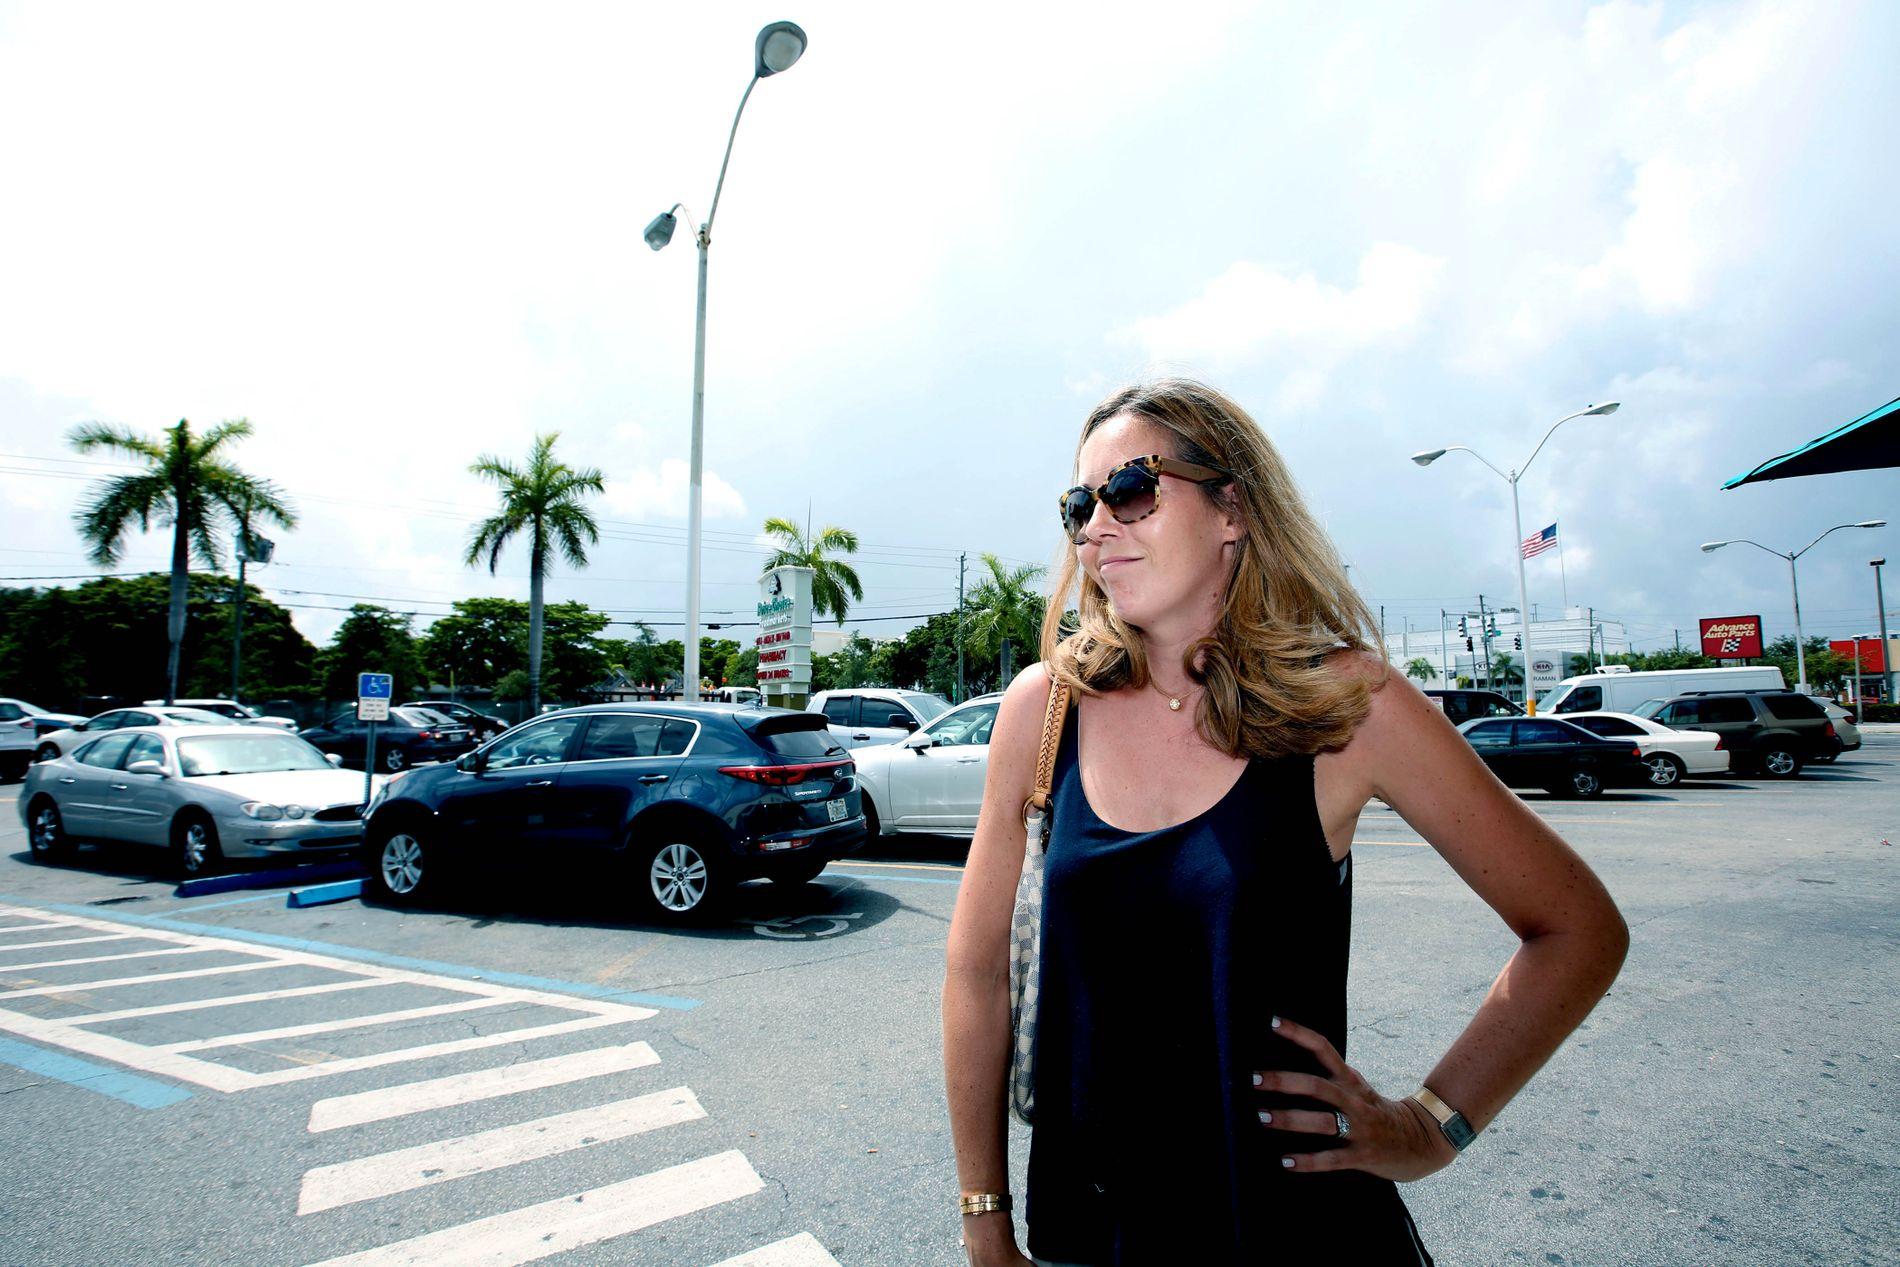 SPRAYER SEG: Eve Paulet fra Frankrike har bodd i Miami i fire år. Hun forteller at hun bruker myggspray, men at hun ikke er redd for viruset.